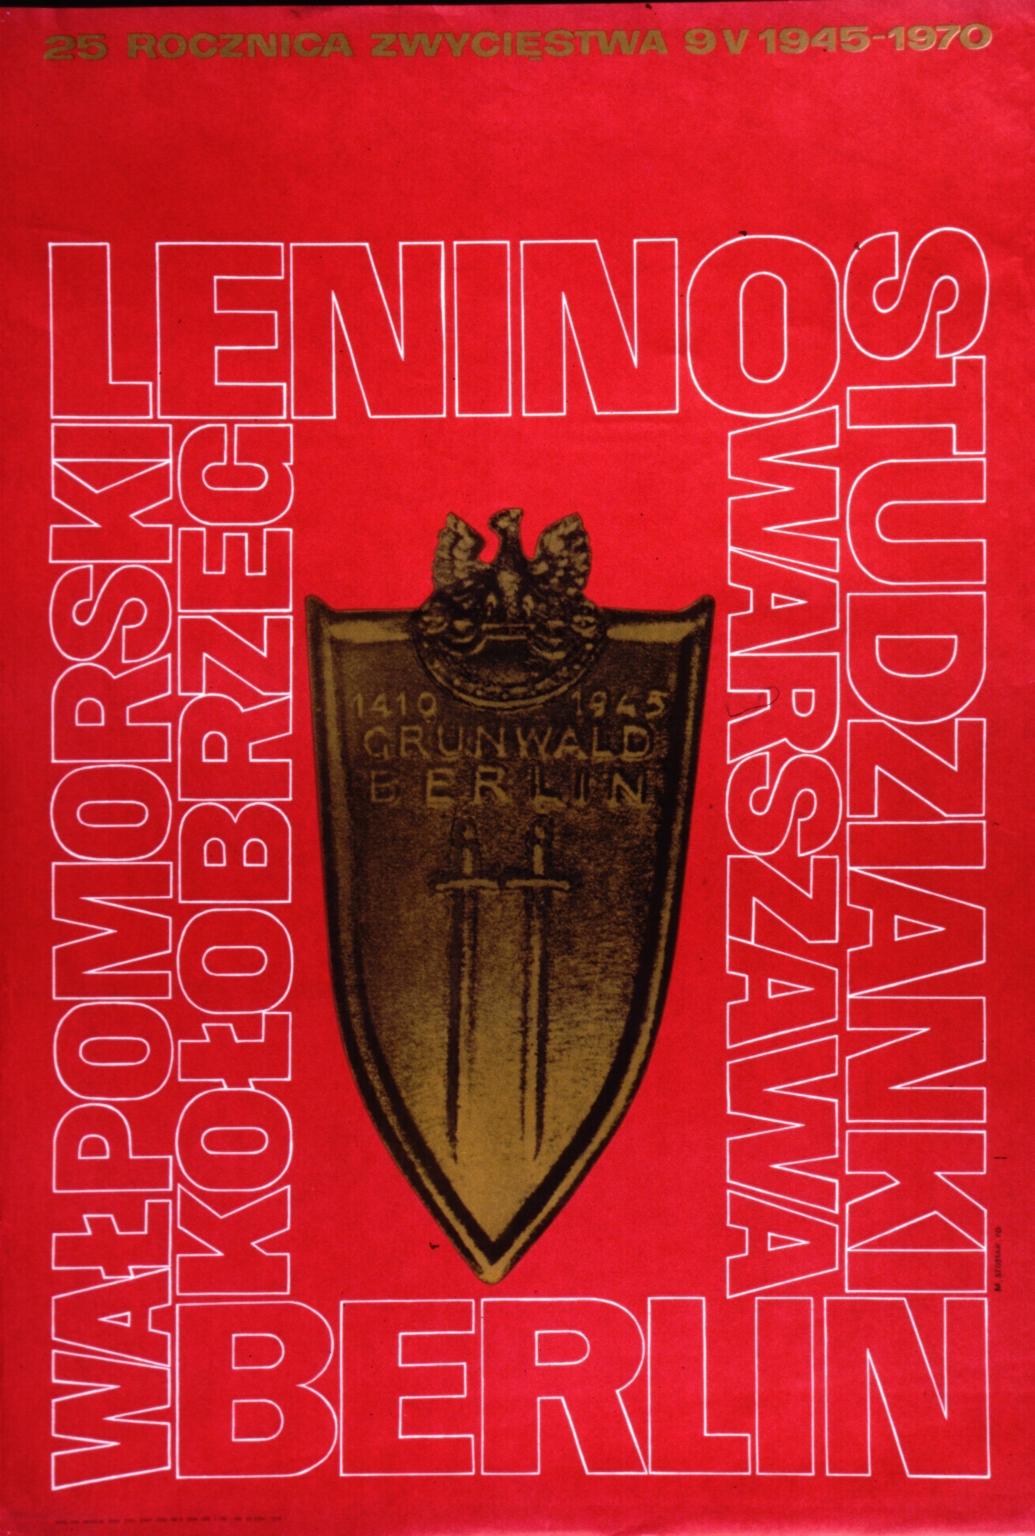 25 rocznica zwciestwa, 9 V 1945-1970